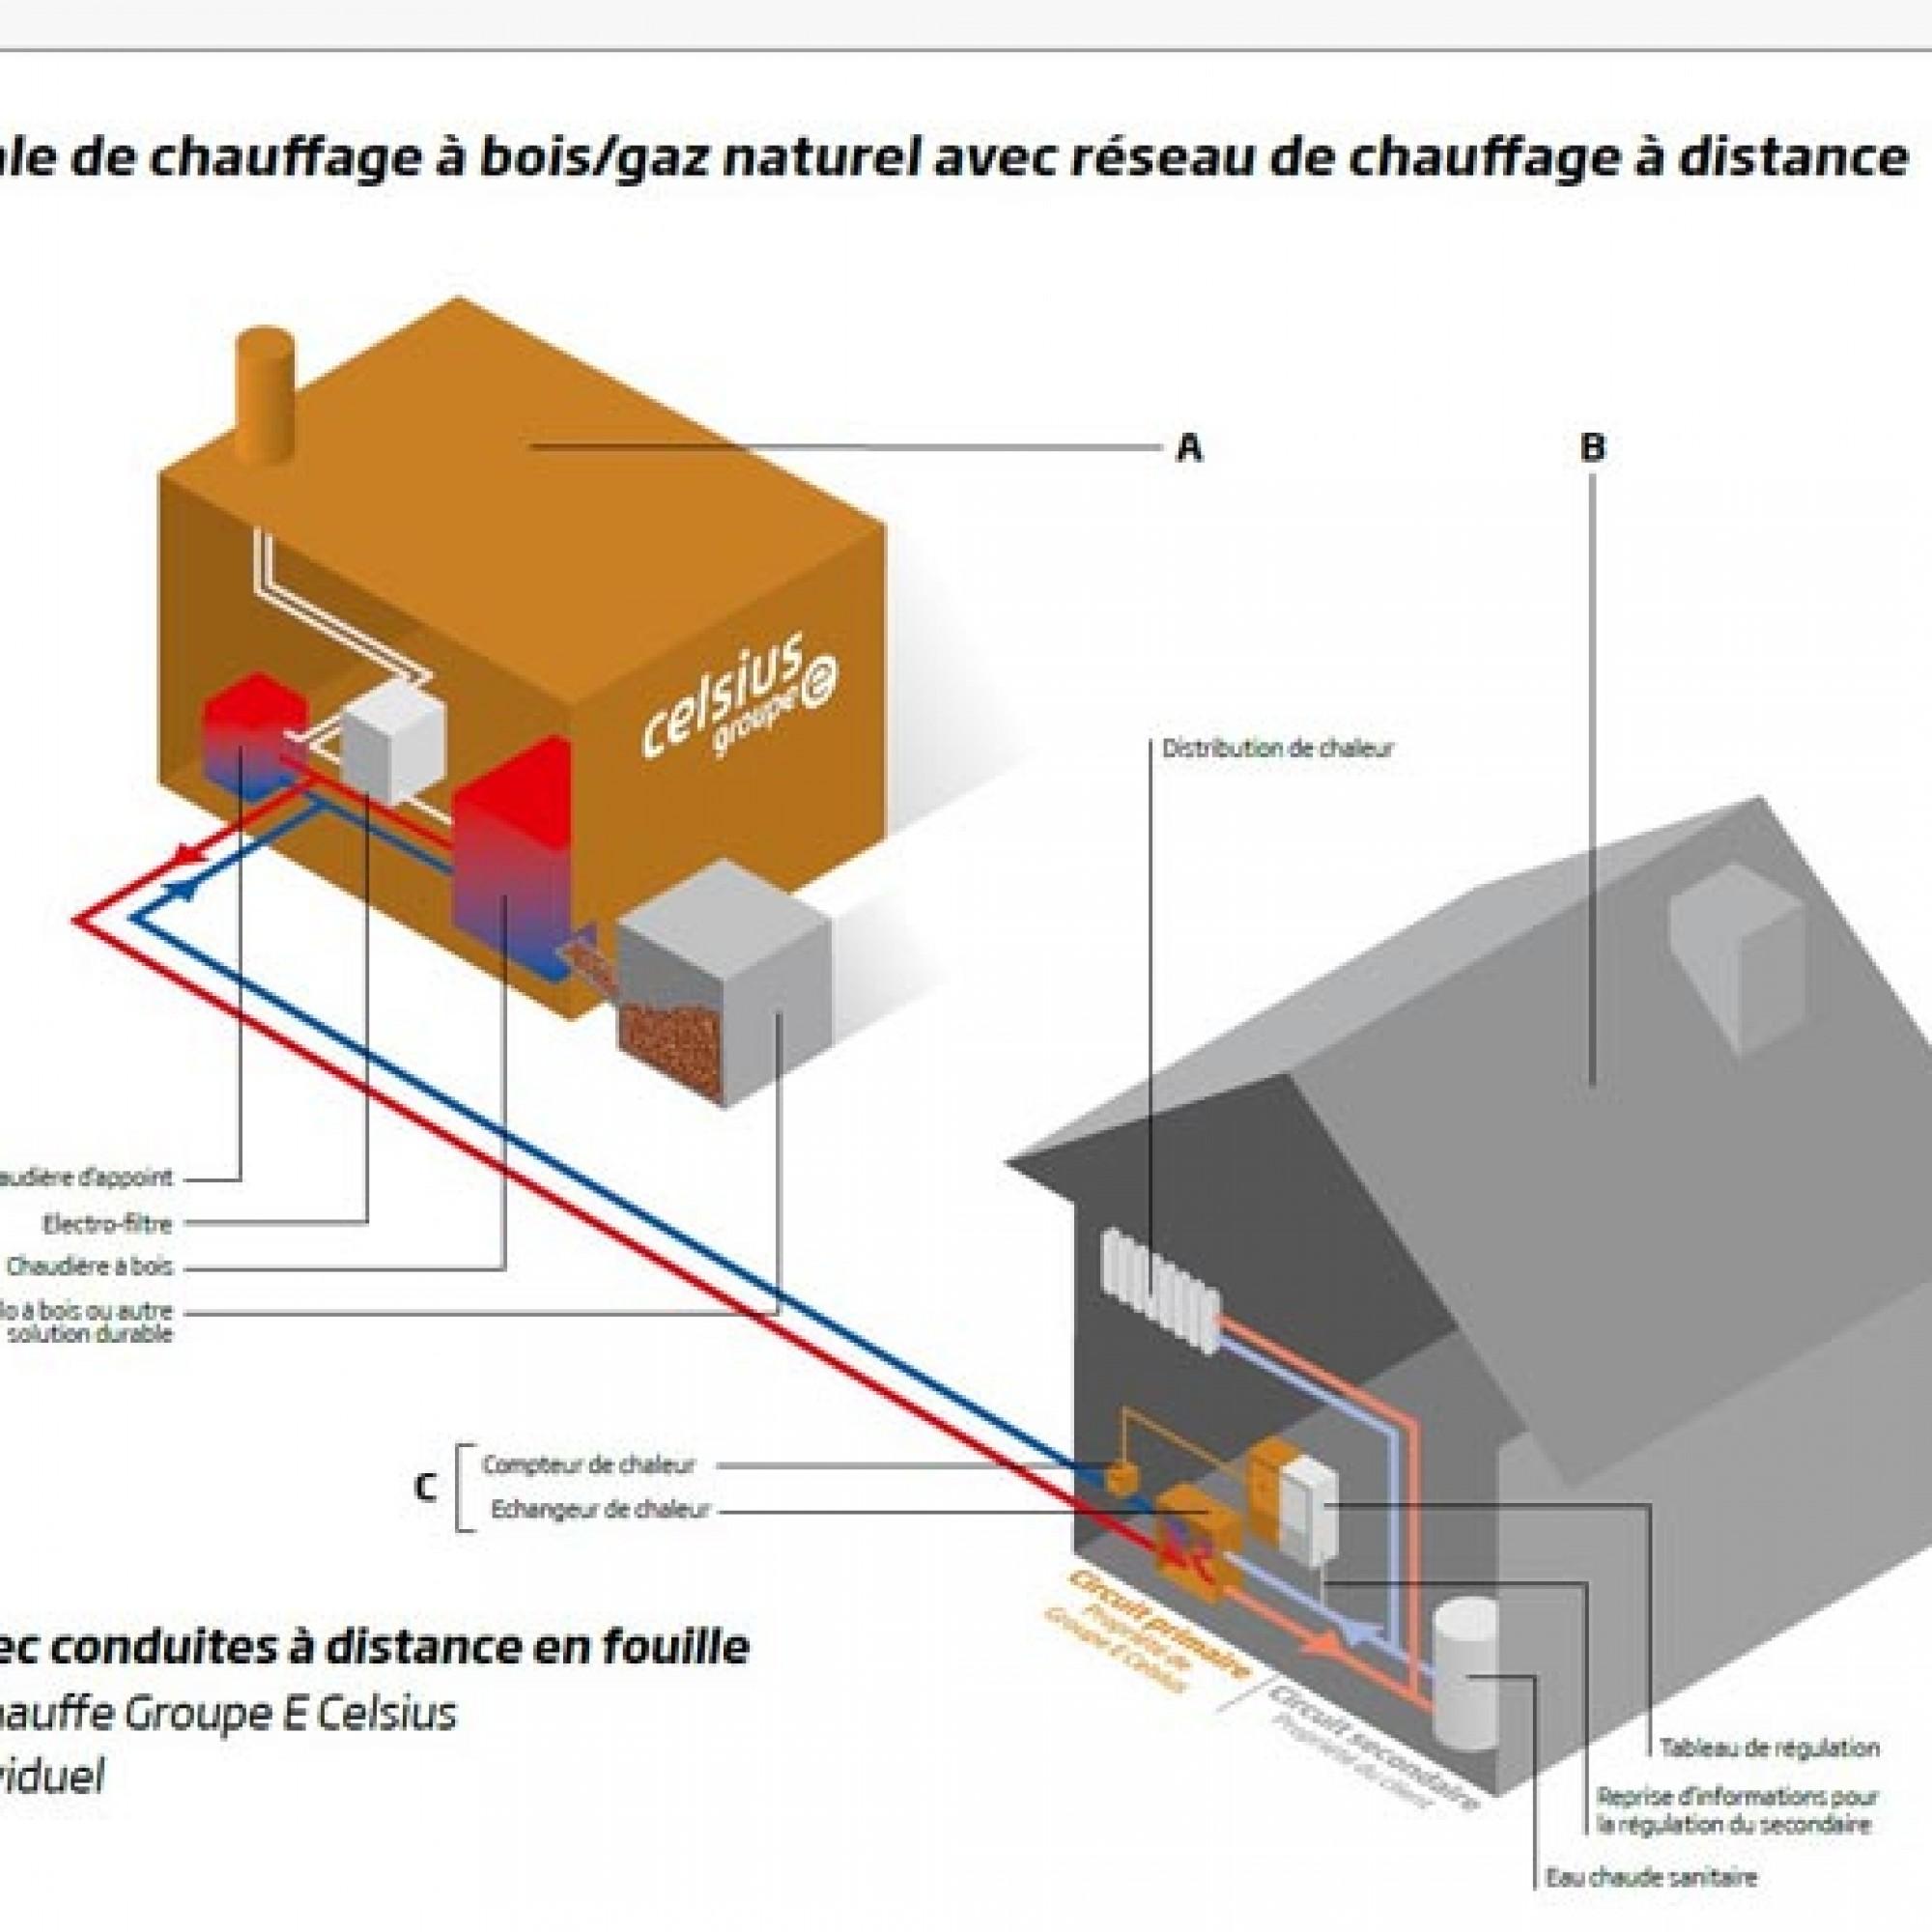 Pour doubler la puissance du chauffage à distance, le chantier qui vient de commencer durera un an. © Images Groupe E celsius. VUE 1 sur 4